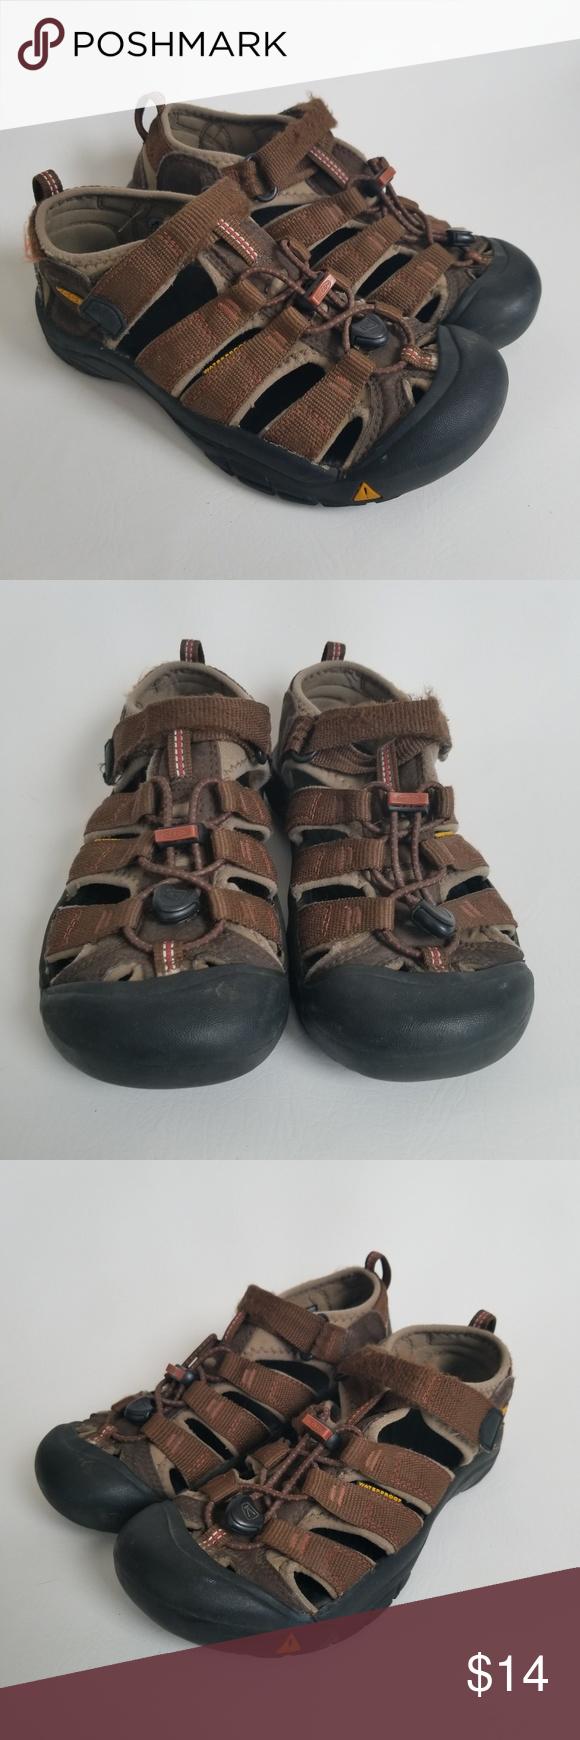 Keen Newport H2 Sandals Size 4 Boys Girls Brown